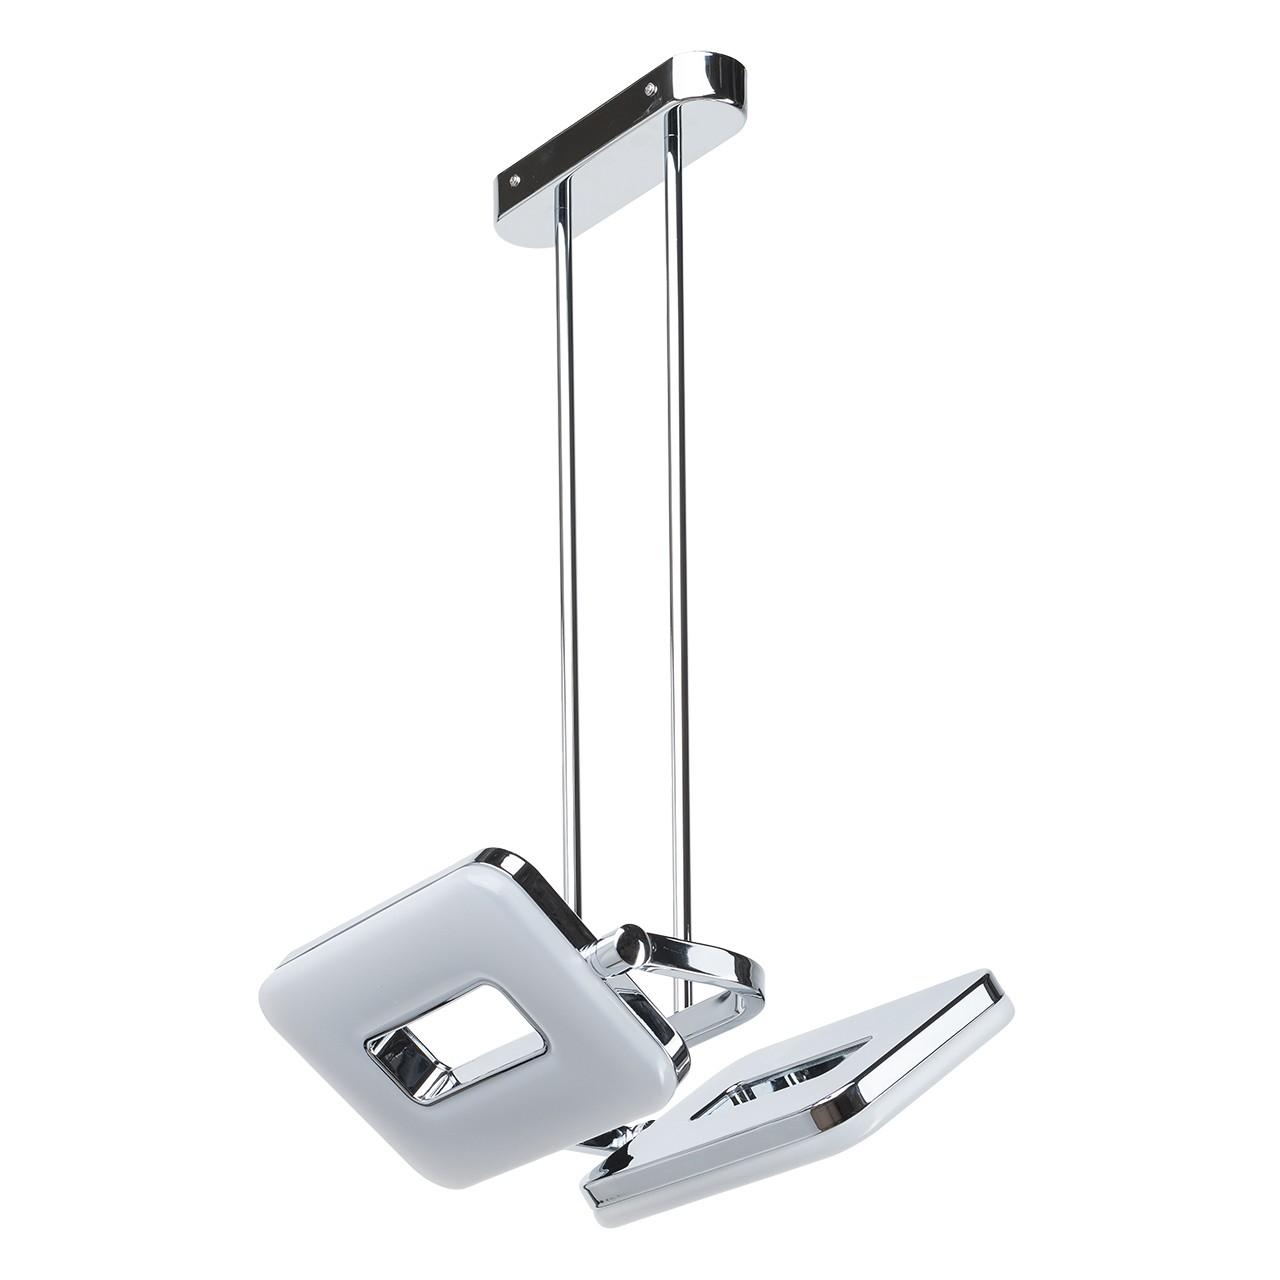 Потолочный светильник с регулировкой направления света на составной штанге De Markt Платлинг 661011102, хром, белый, металл, пластик - фото 1